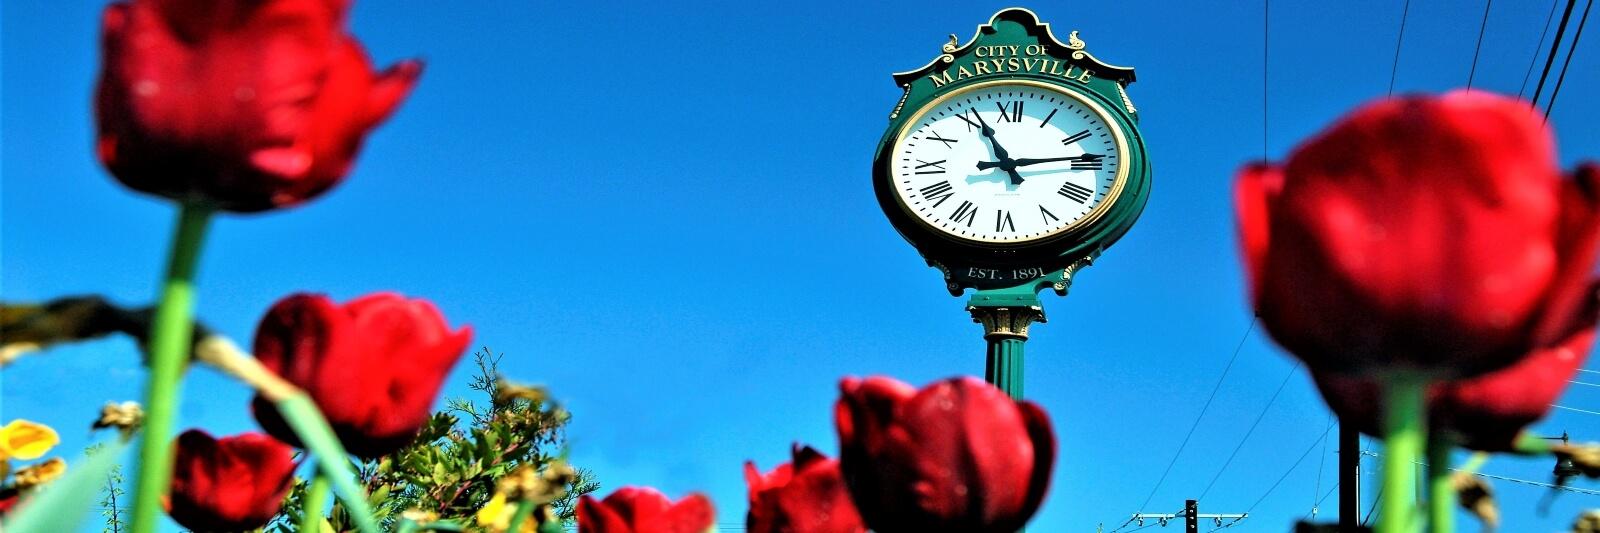 Marysville Clock